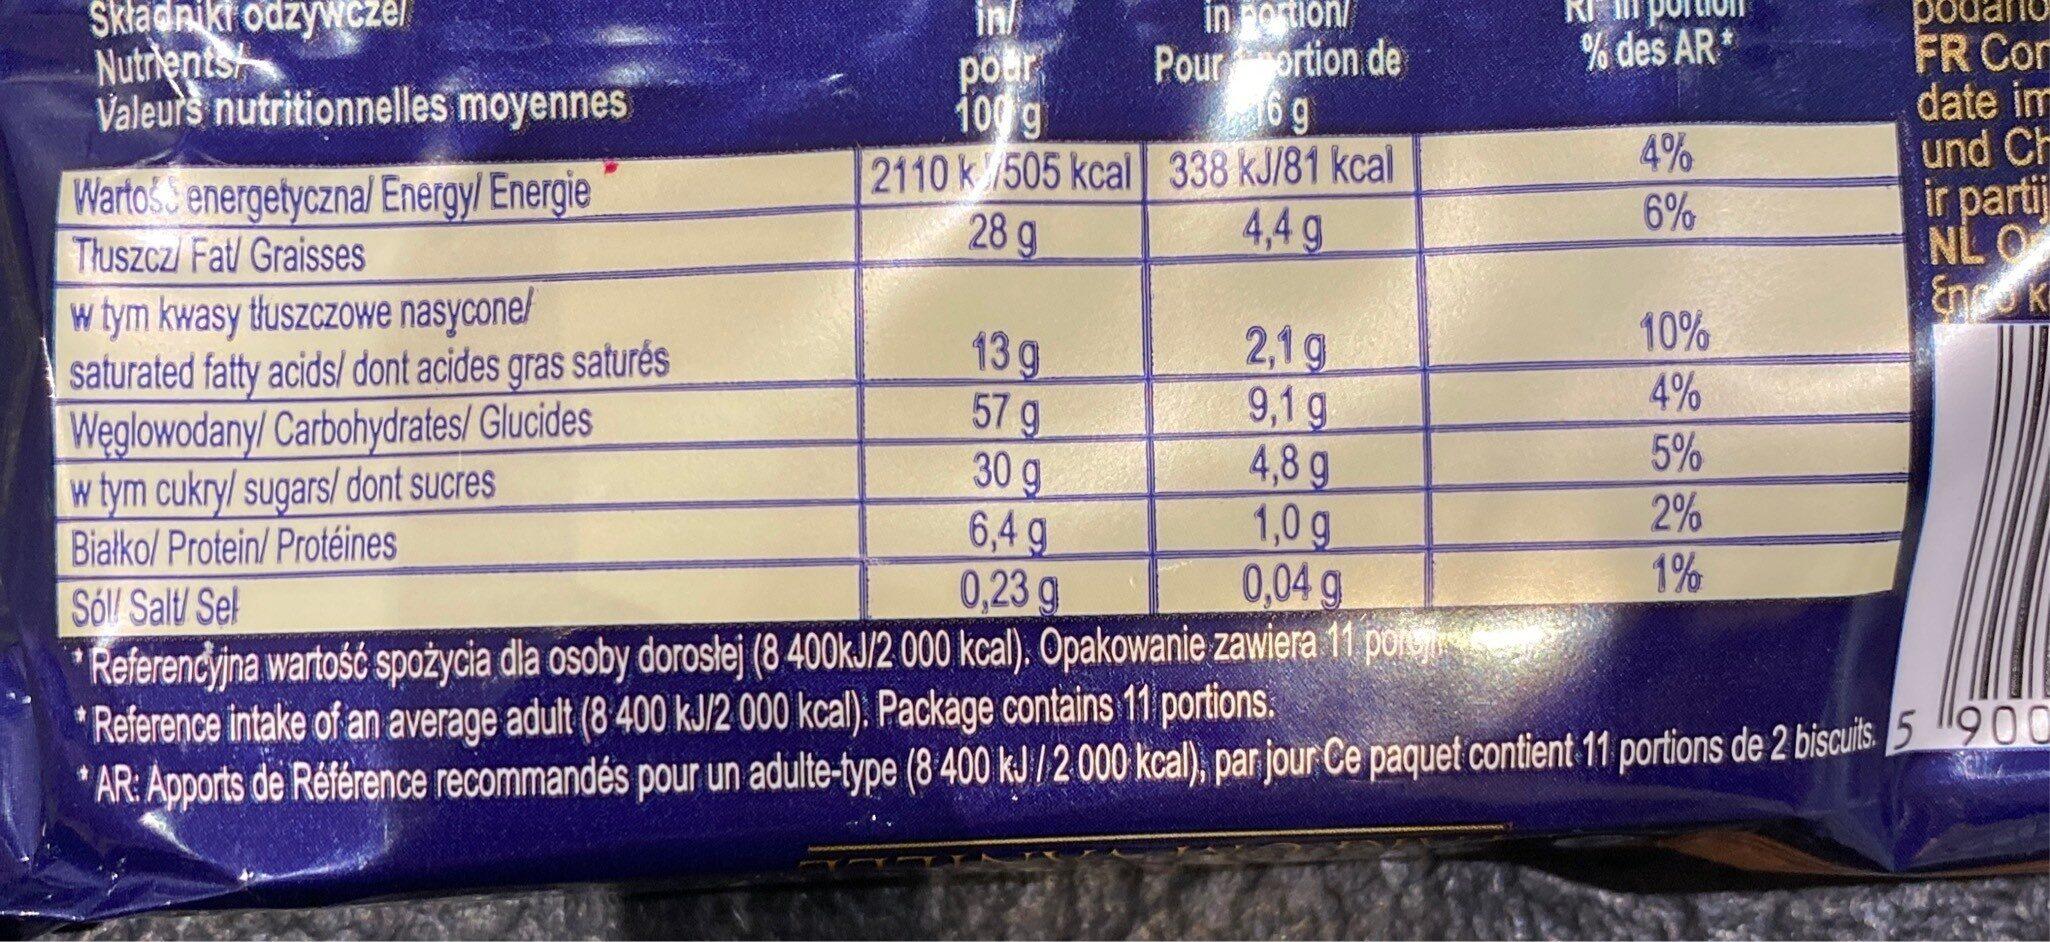 Gaufrettes Fourrées Parfum Vanille - Valori nutrizionali - fr